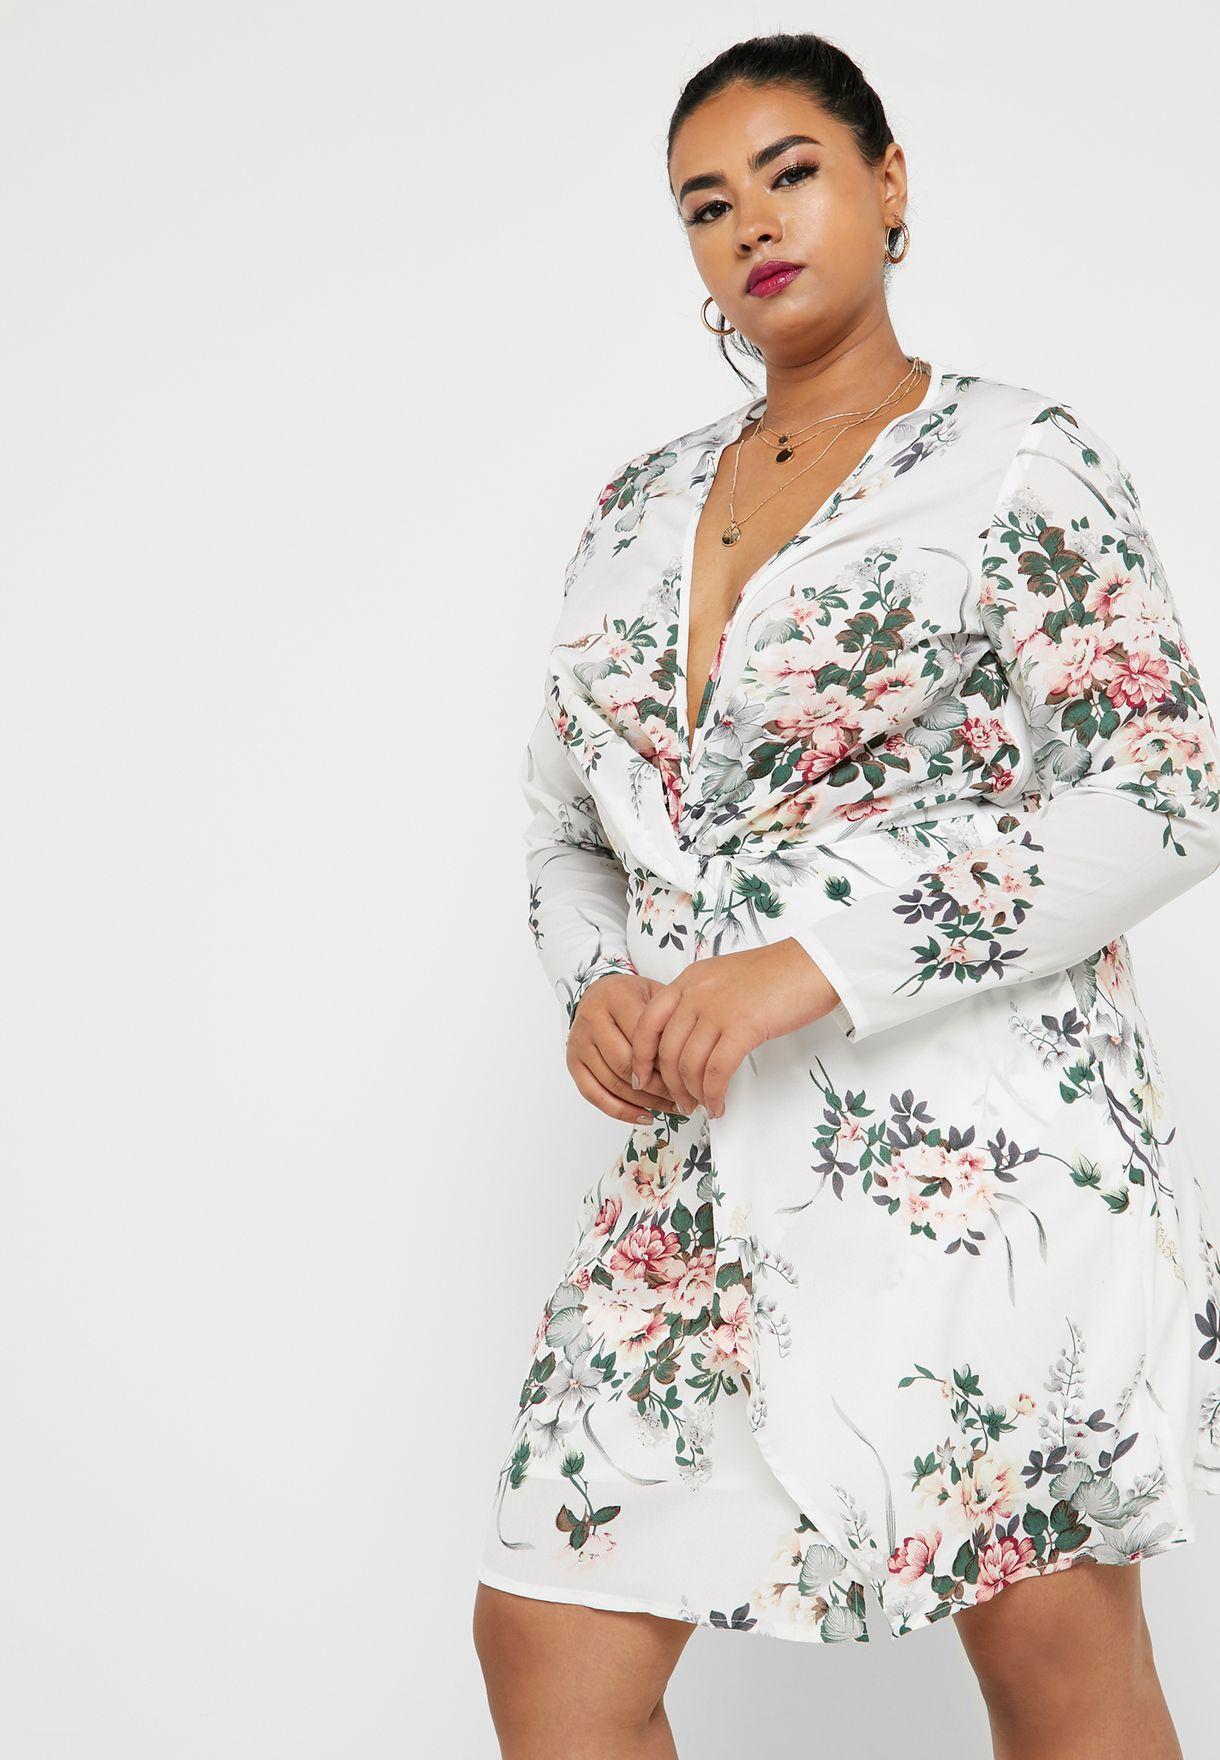 fe077891b105e5 Shop Missguided Curve prints Floral Print Twist Front Dress ...